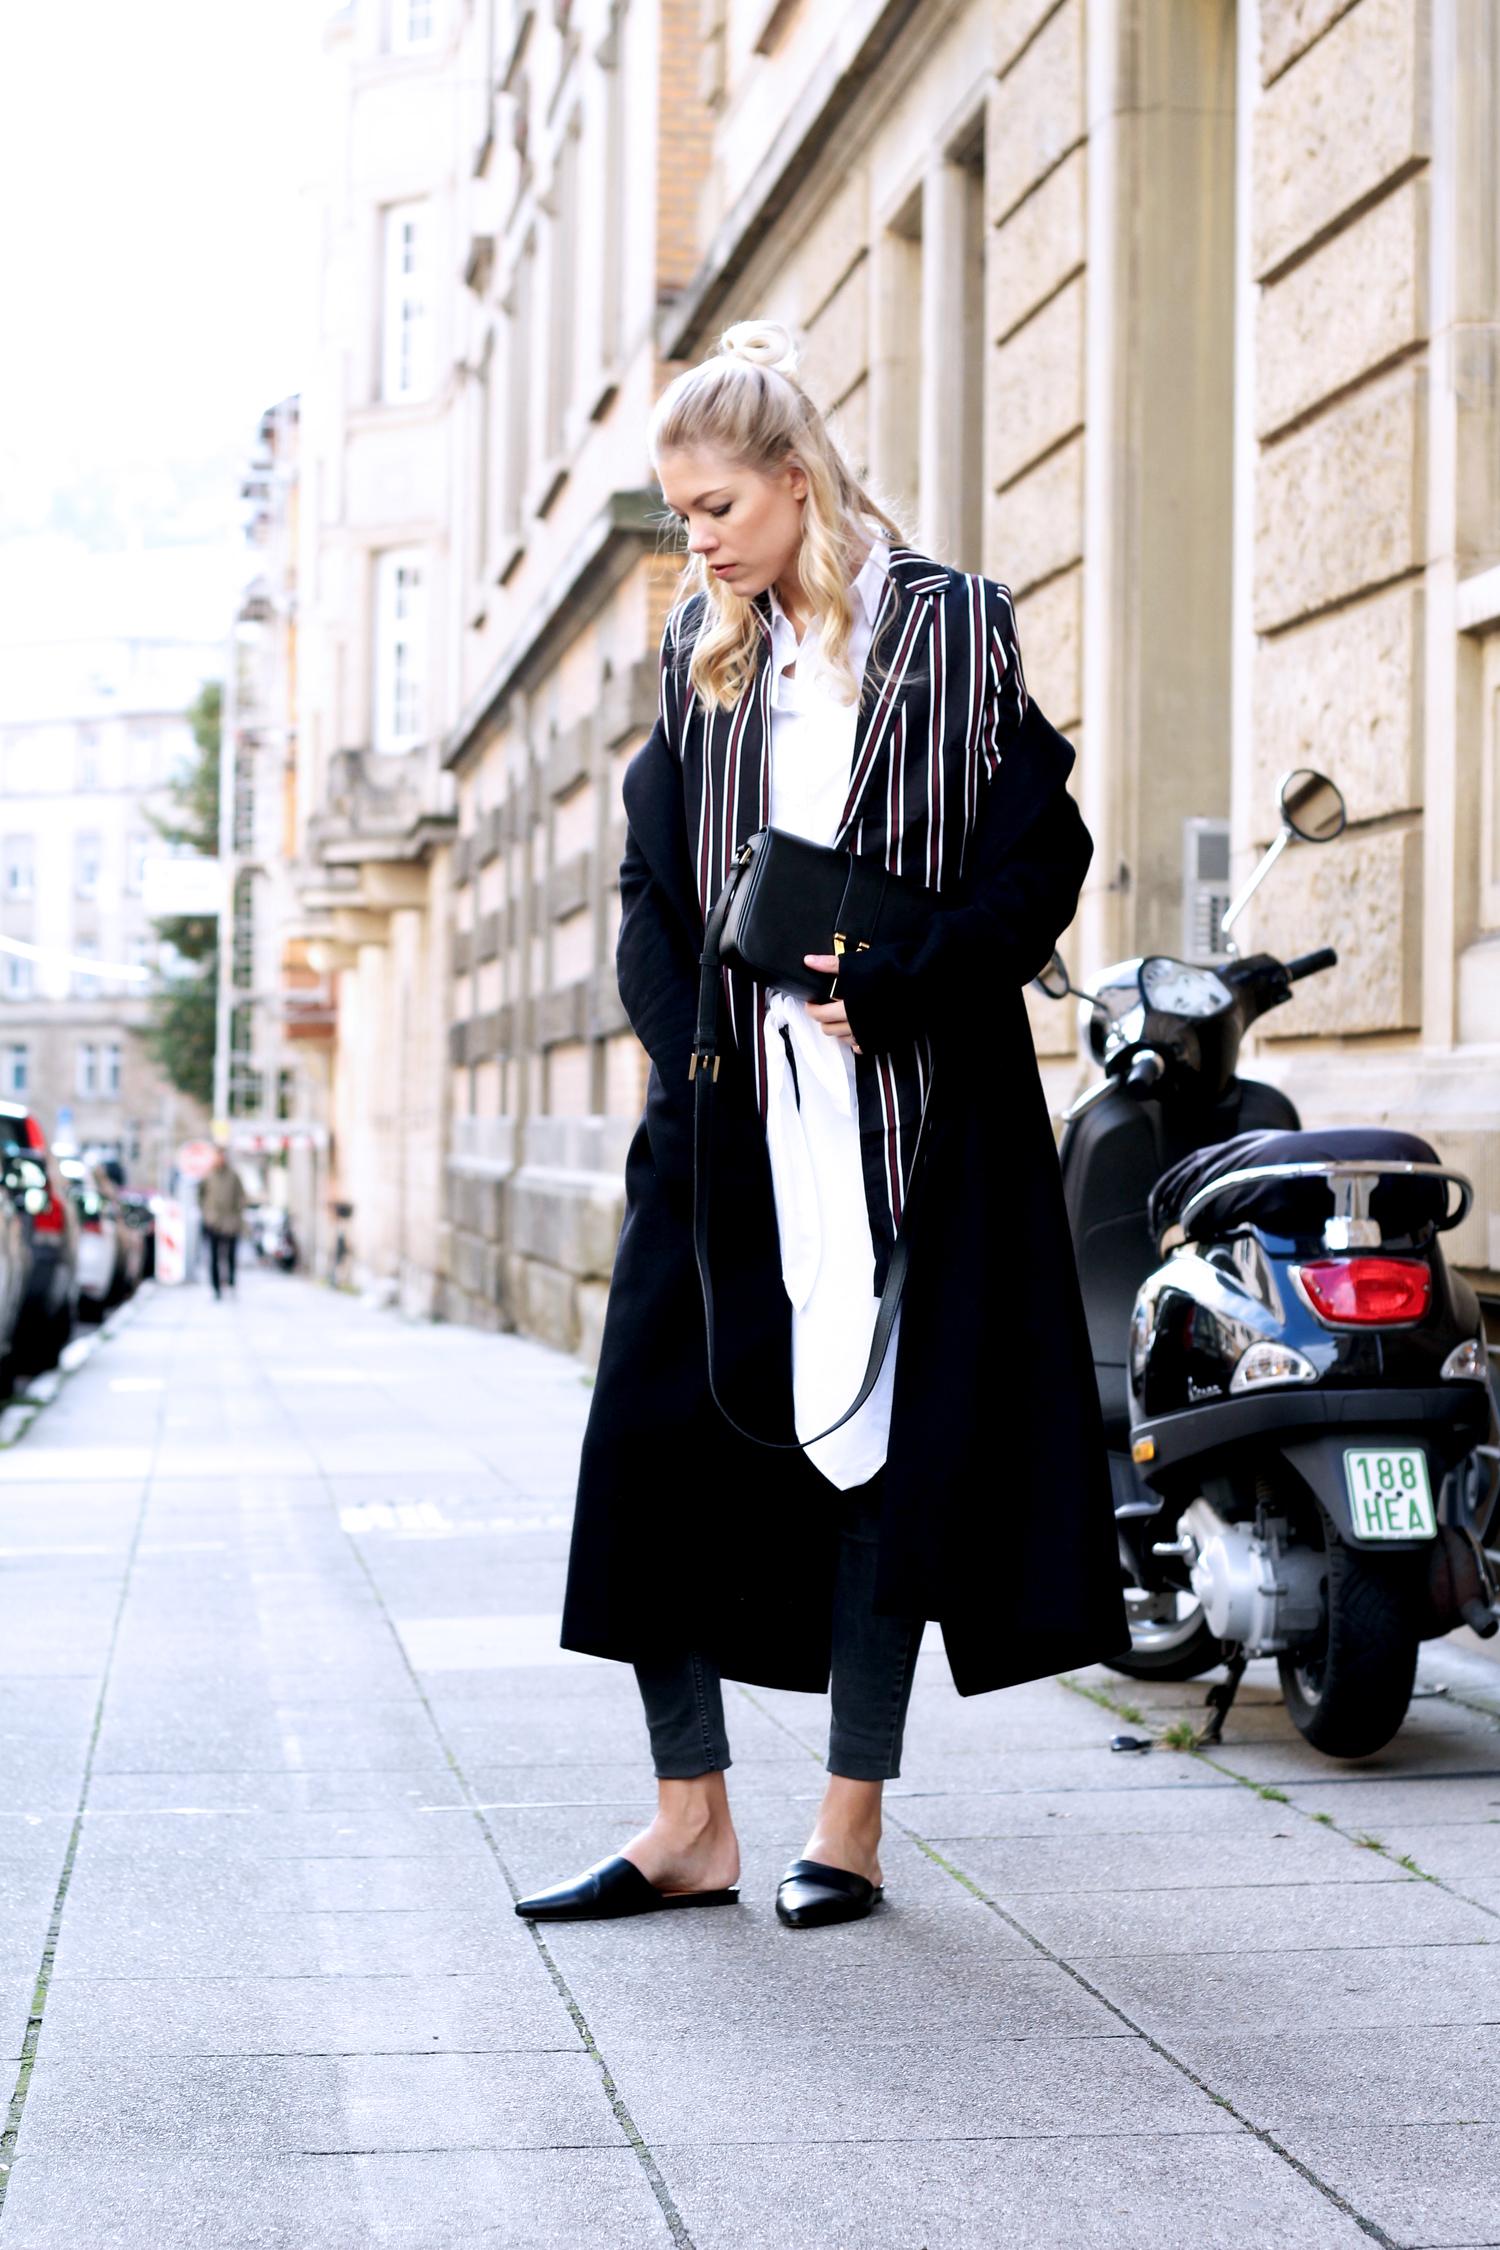 somehappyshoes_fashionblog_stuttgart_hm_slipper_herbst